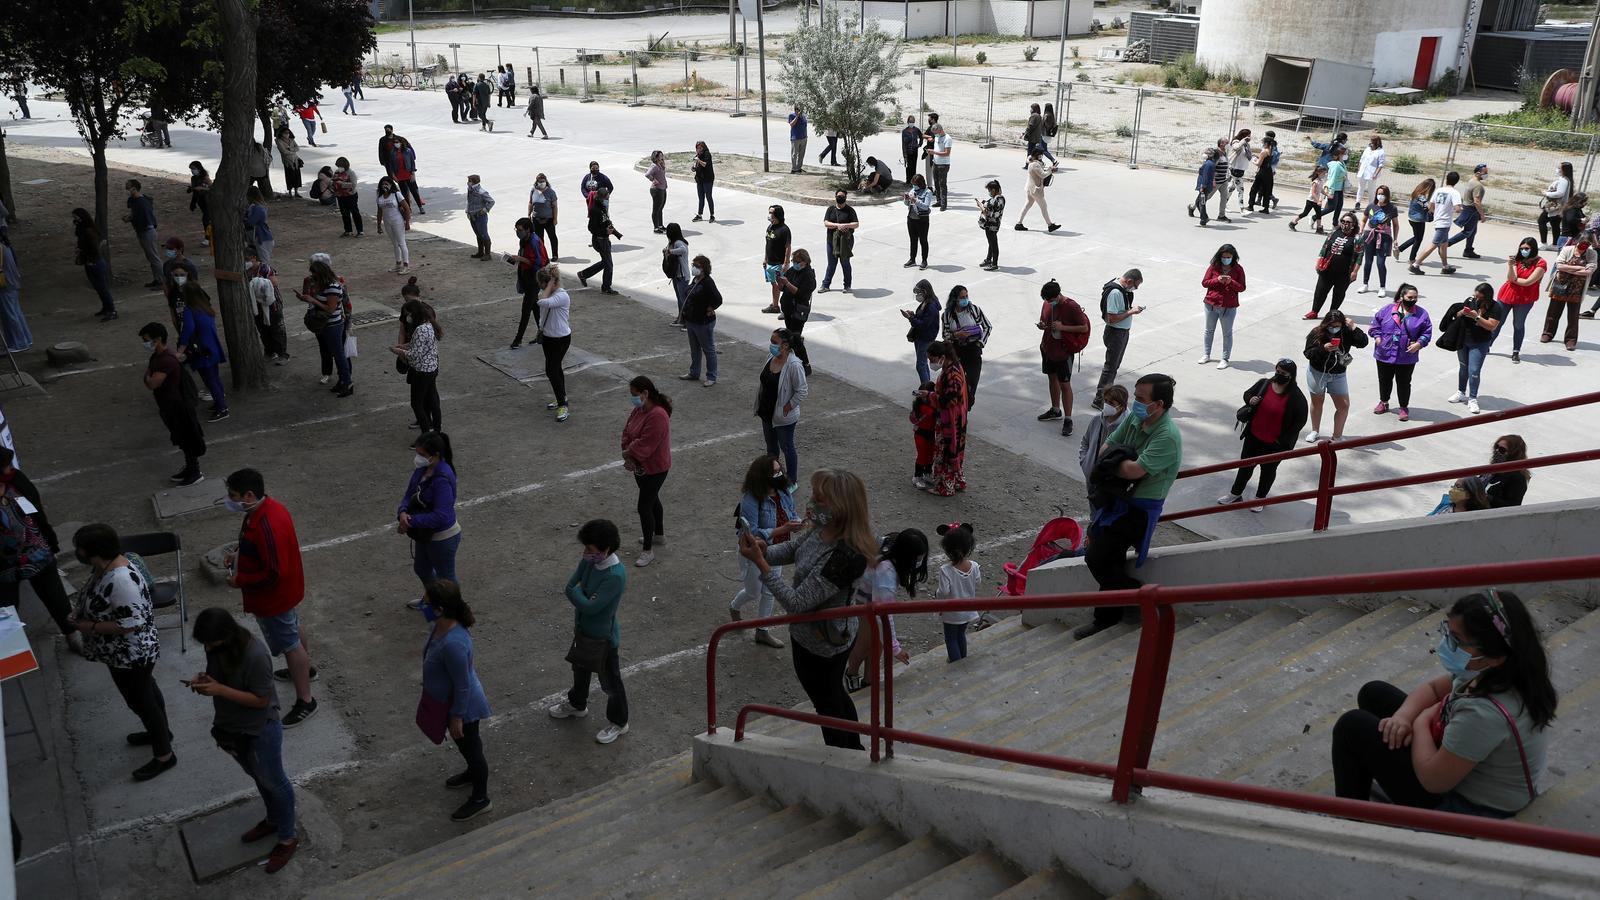 Desenes de xilens fan cua, amb distància de seguretat entre ells degut a la pandèmia, per votar aquest diumenge a Santiago.